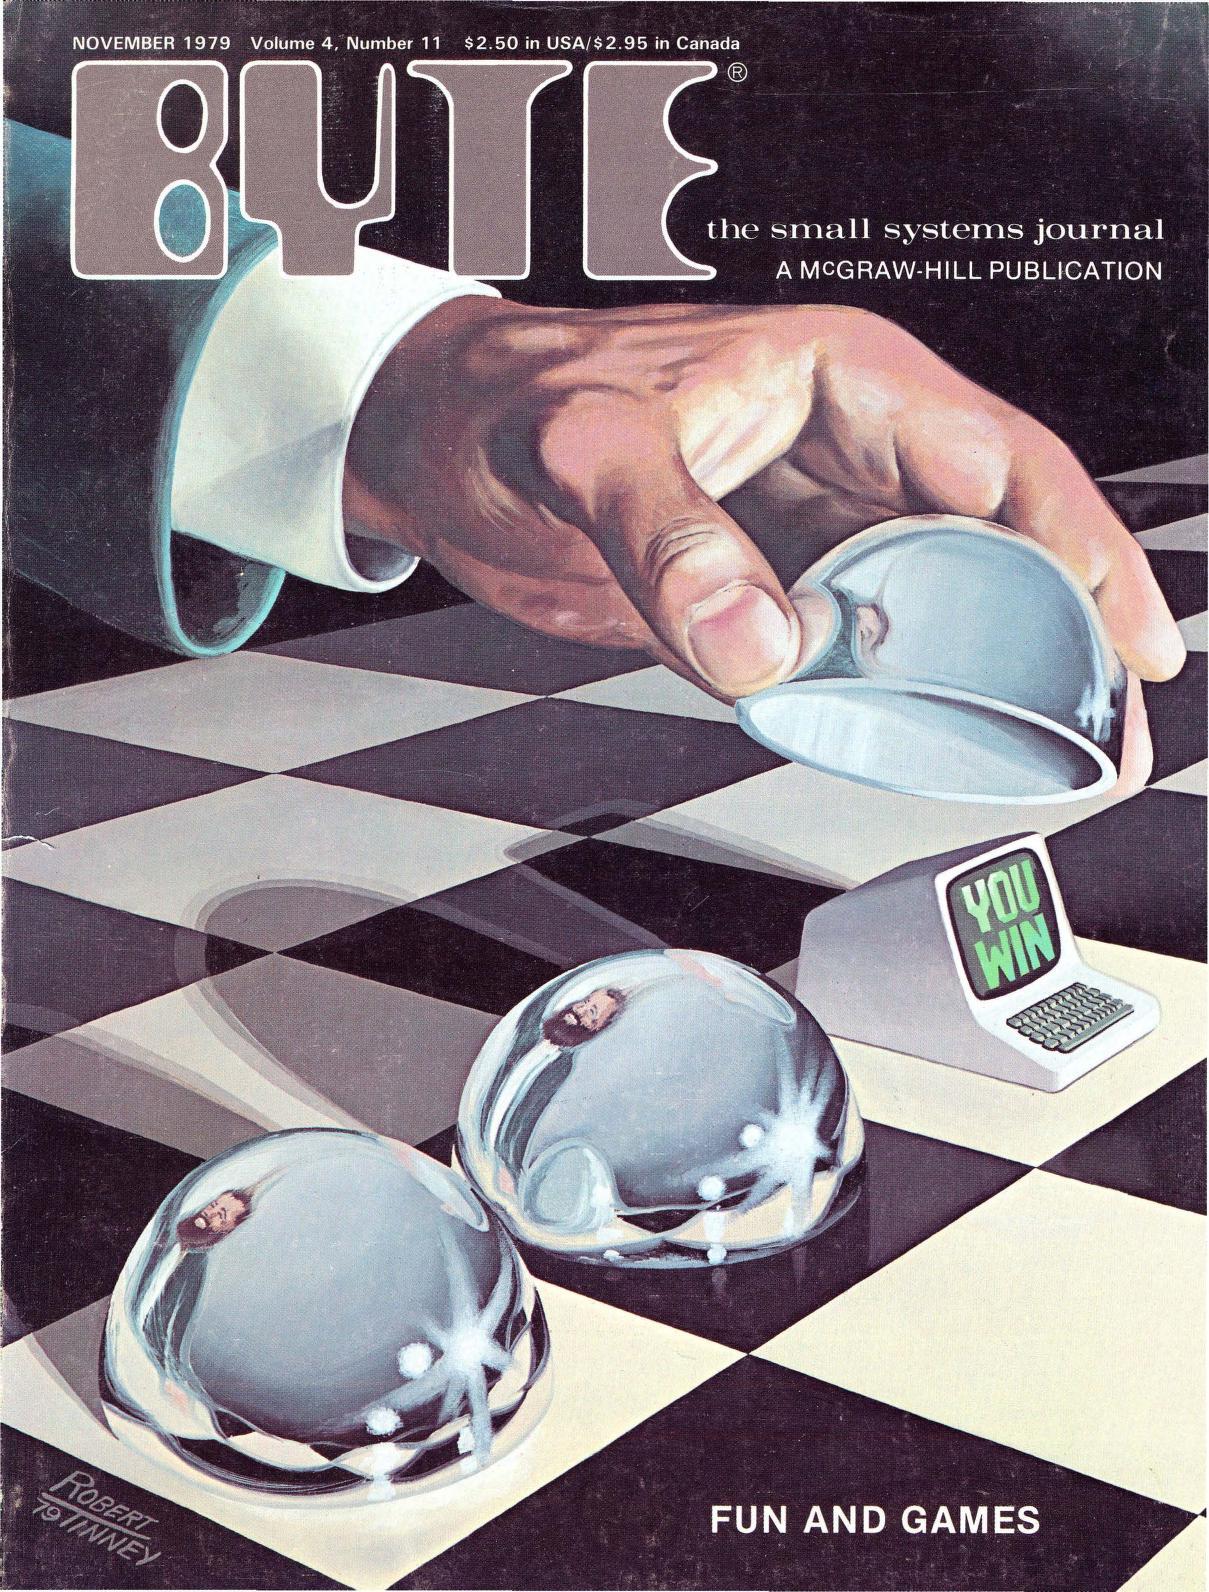 November 1979. Malt av Robert Tinney. Dette nummeret er dedikert til spill og spillteori – hvordan man kan programmere datamaskiner til å spille ulike spill, for eksempel. Bladet inneholder også instruksjoner om hvordan man kan lage et romspill.